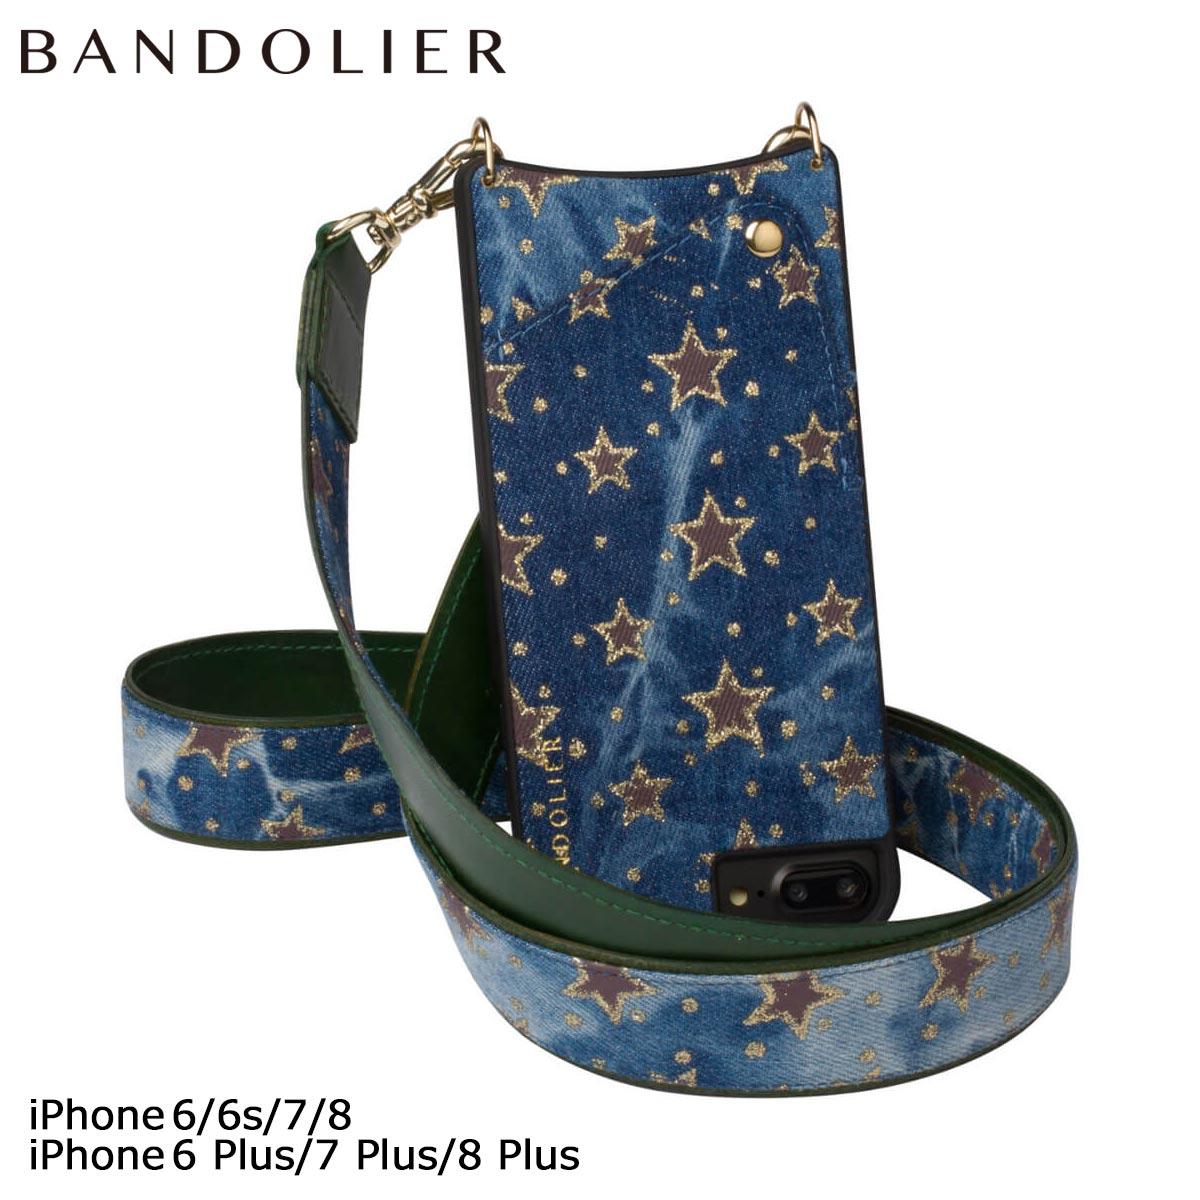 バンドリヤー BANDOLIER iPhone8 iPhone7 7Plus 6s ケース スマホ アイフォン プラス ANGELA FALL17 レザー デニム メンズ レディース